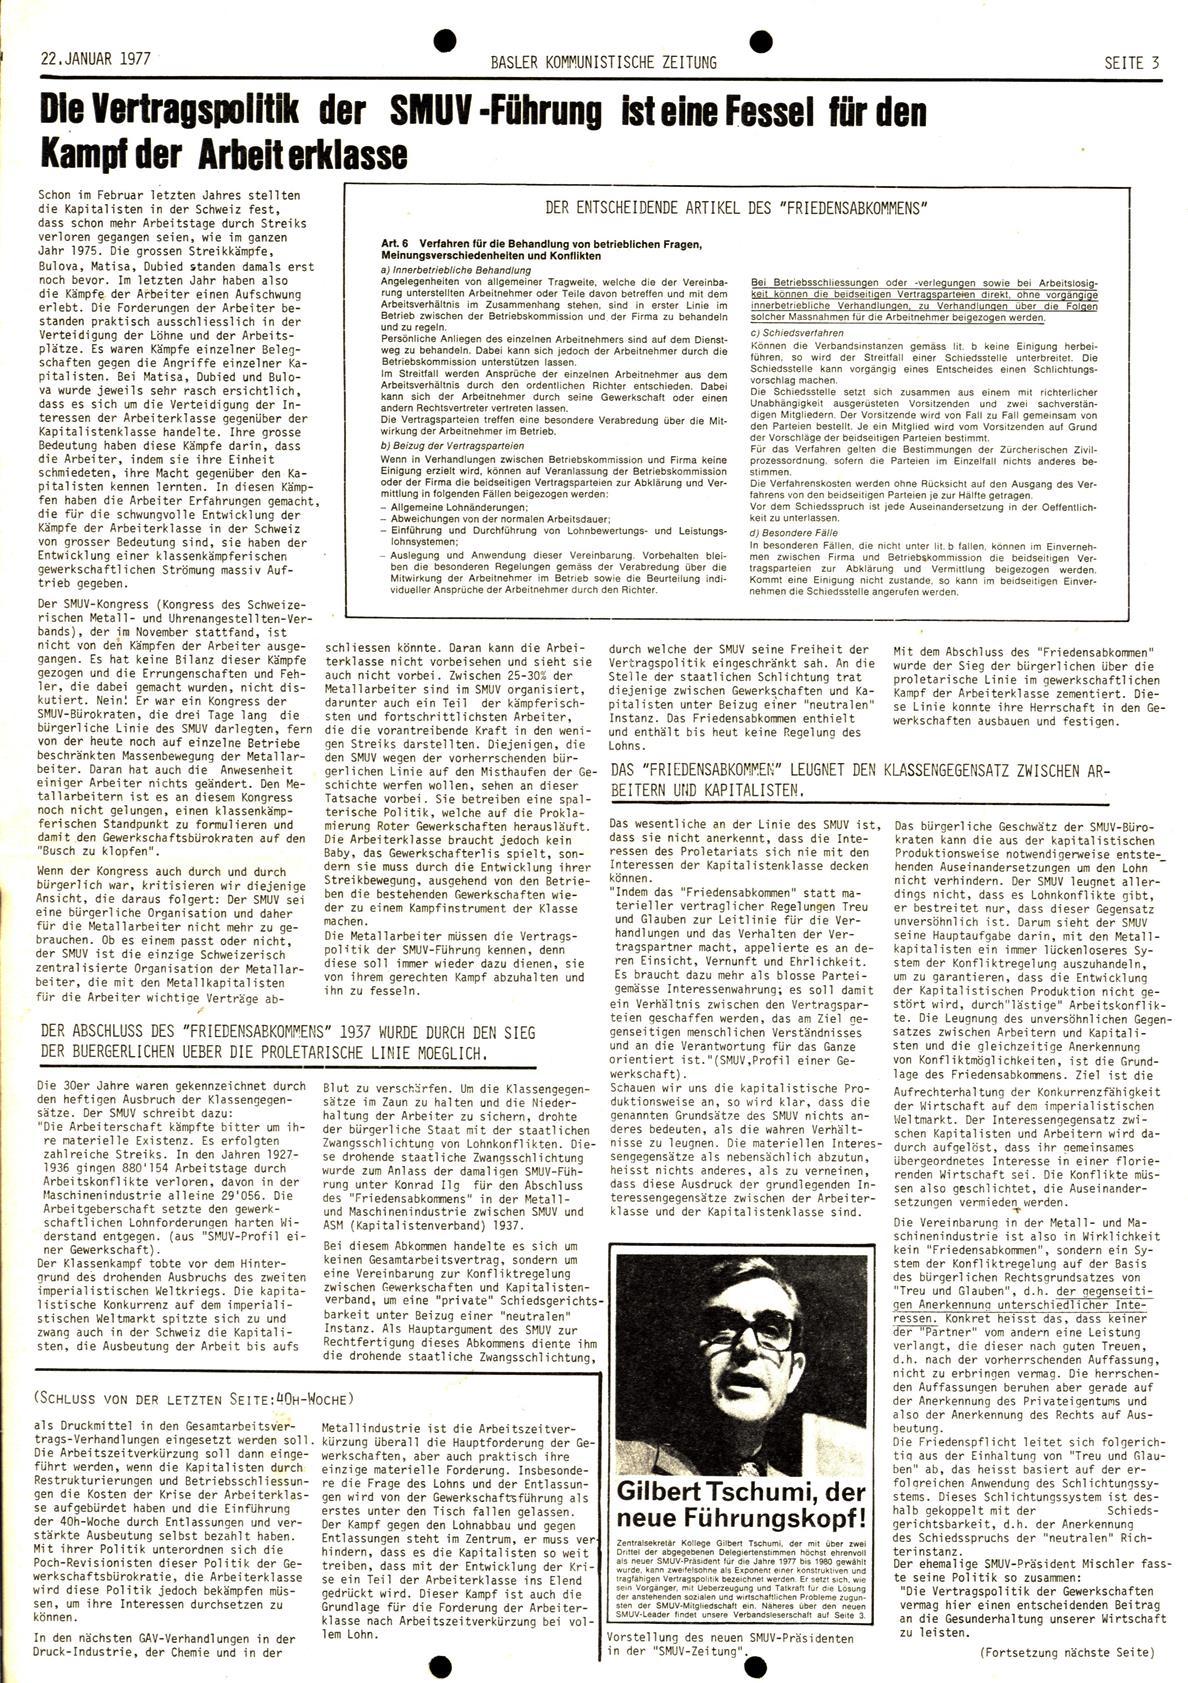 Basel_Kommunistische_Zeitung_19770122_03